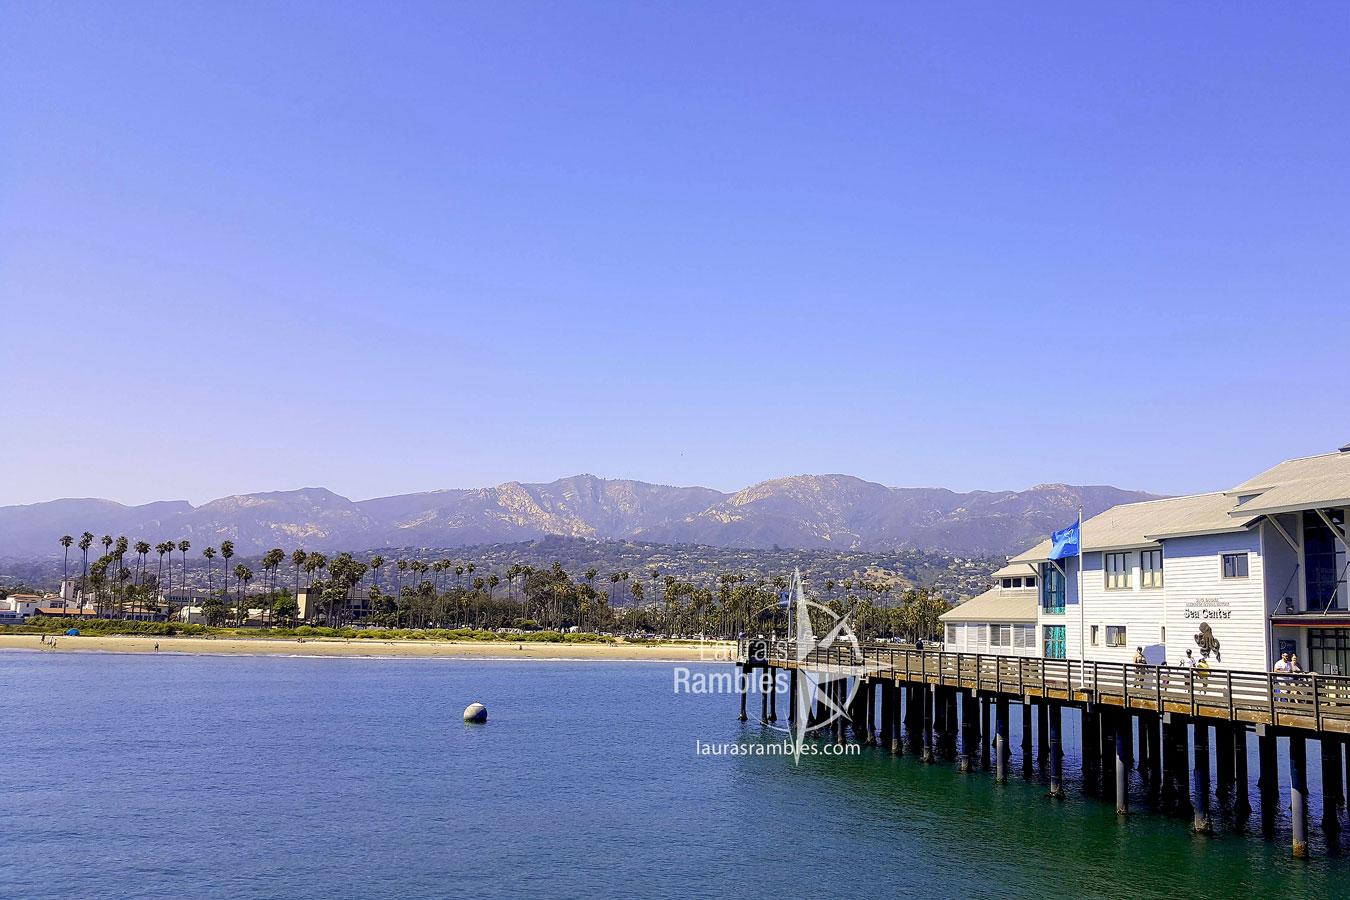 Santa Barbara, CA: Stearns Wharf